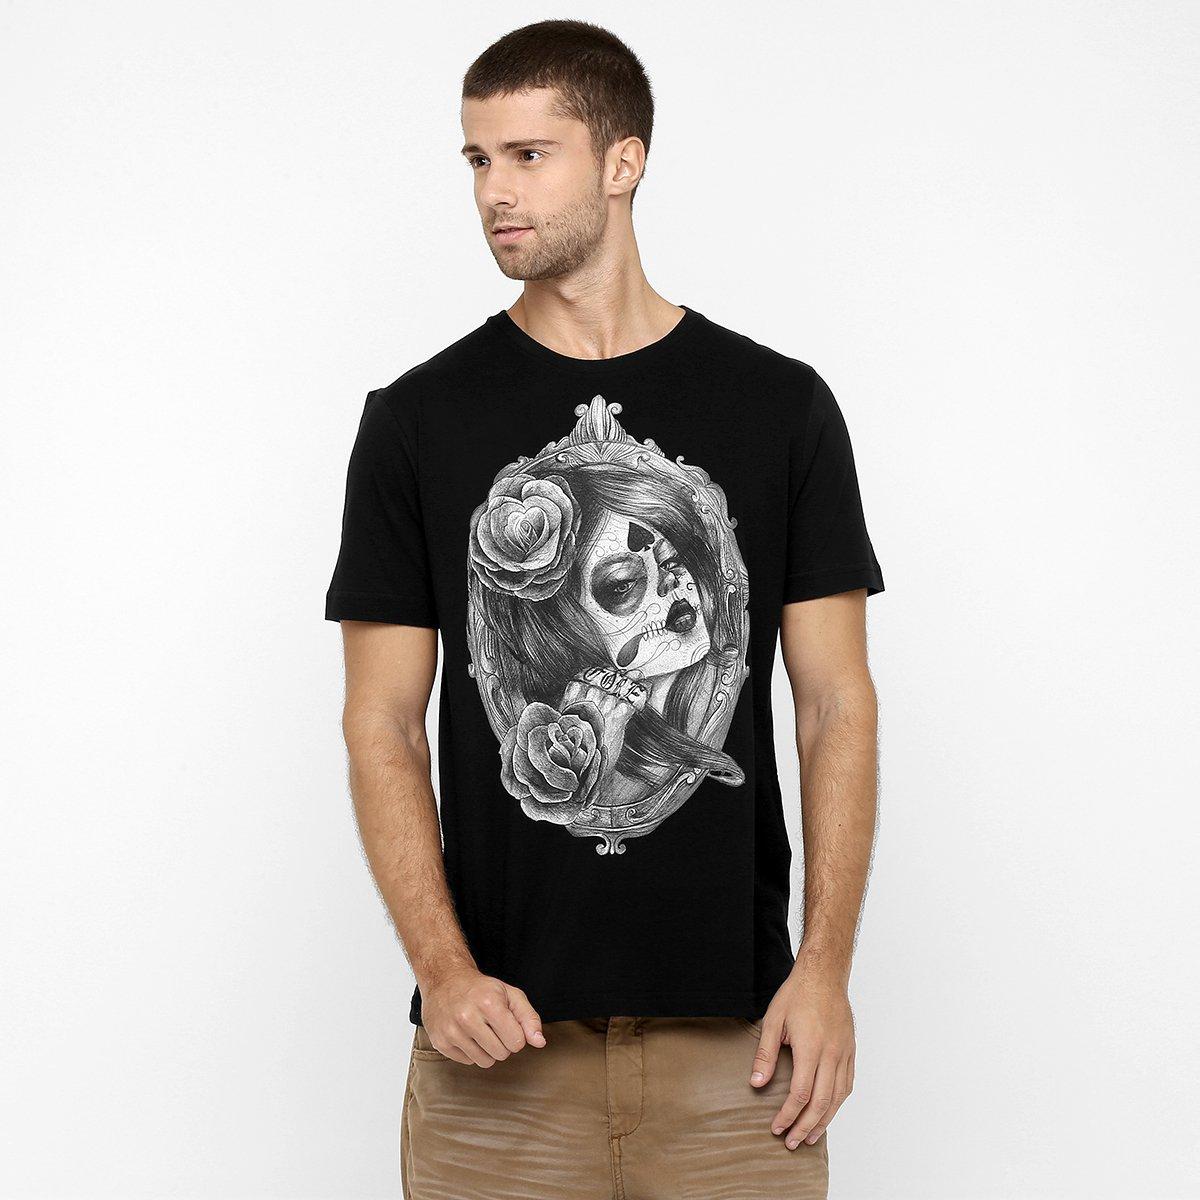 88da8df0efc9b Camiseta MCD Santa Muerte - Compre Agora